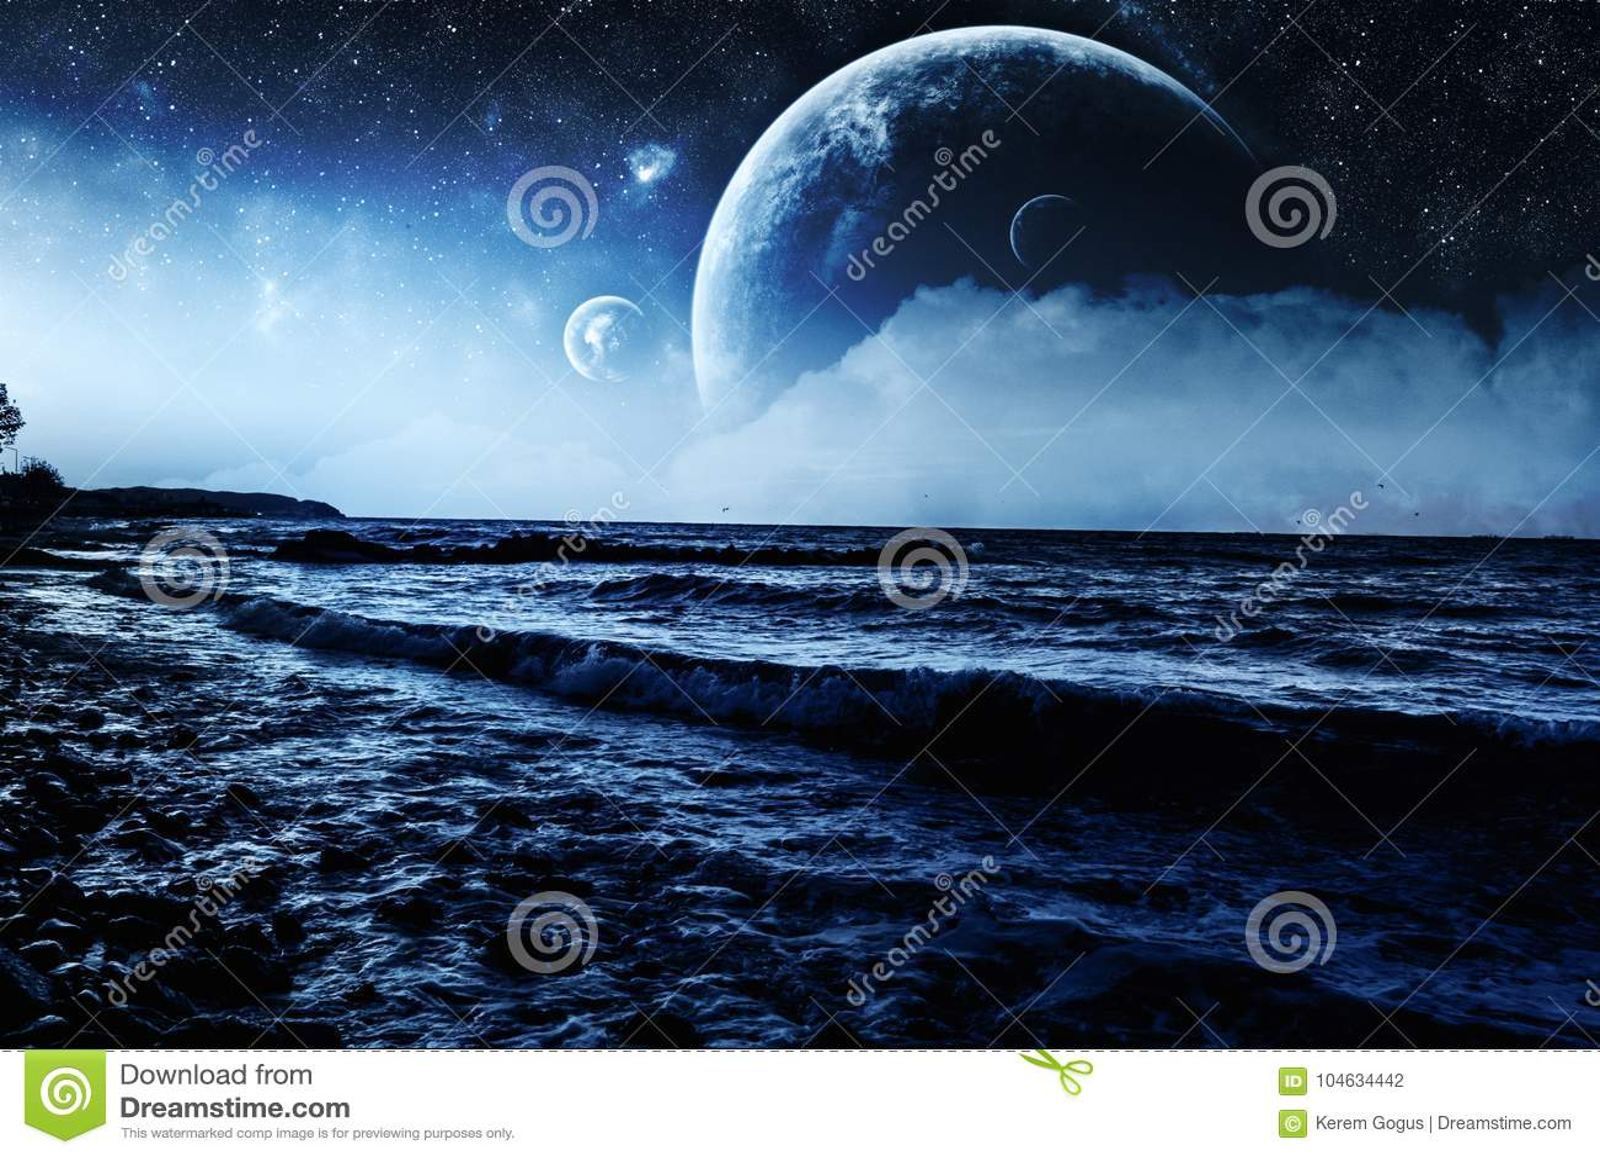 Download Achtergrond Van De Fantasie De Golvende Blauwe Oever Stock Illustratie - Illustratie bestaande uit milieu, blauw: 104634442